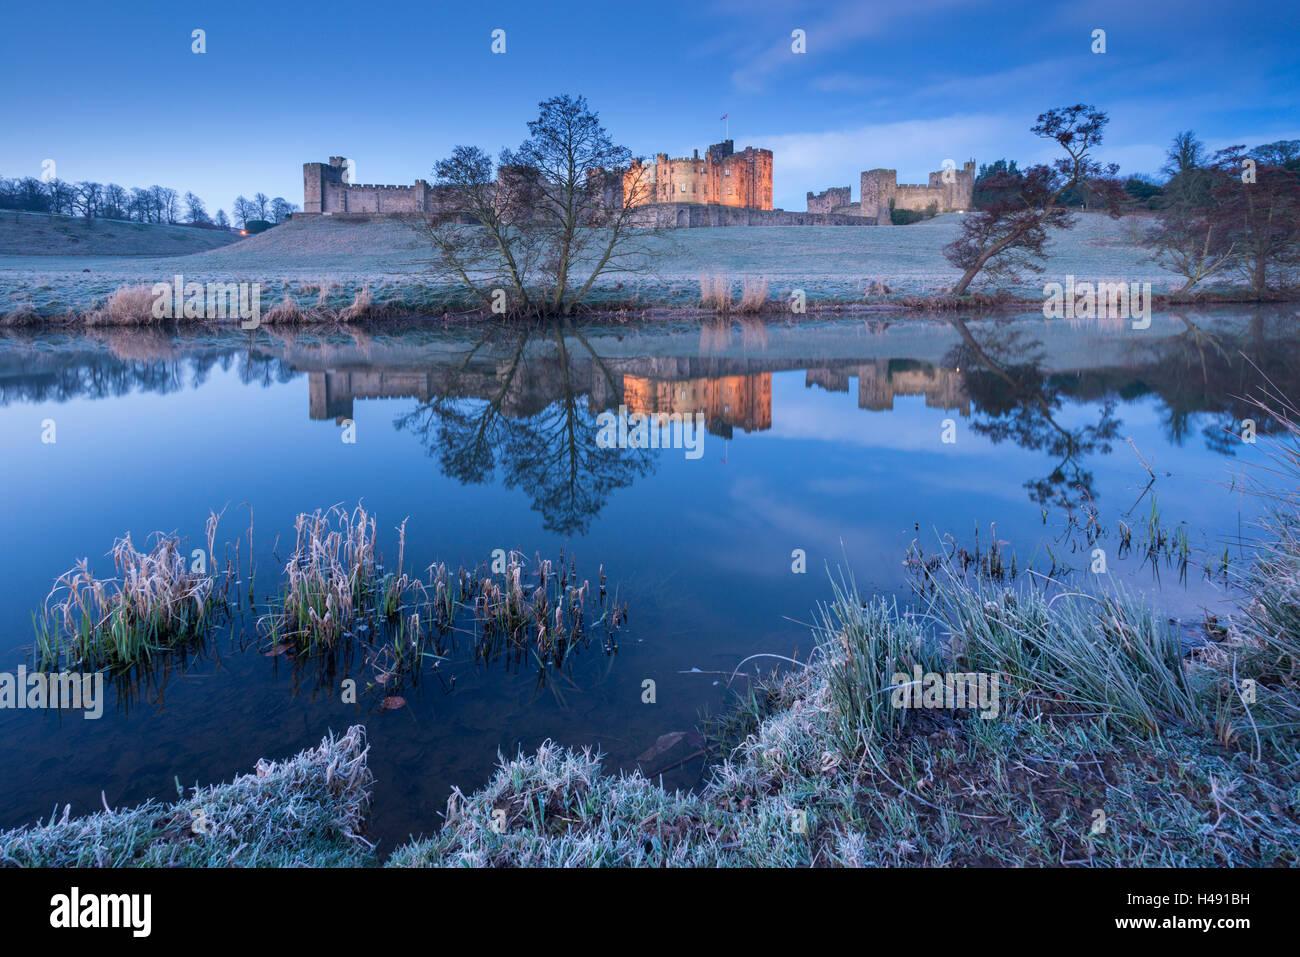 Alnwick Castle spiegelt sich in den Fluss Aln an einem frostigen Wintermorgen, Northumberland, England. Winter (März) Stockbild